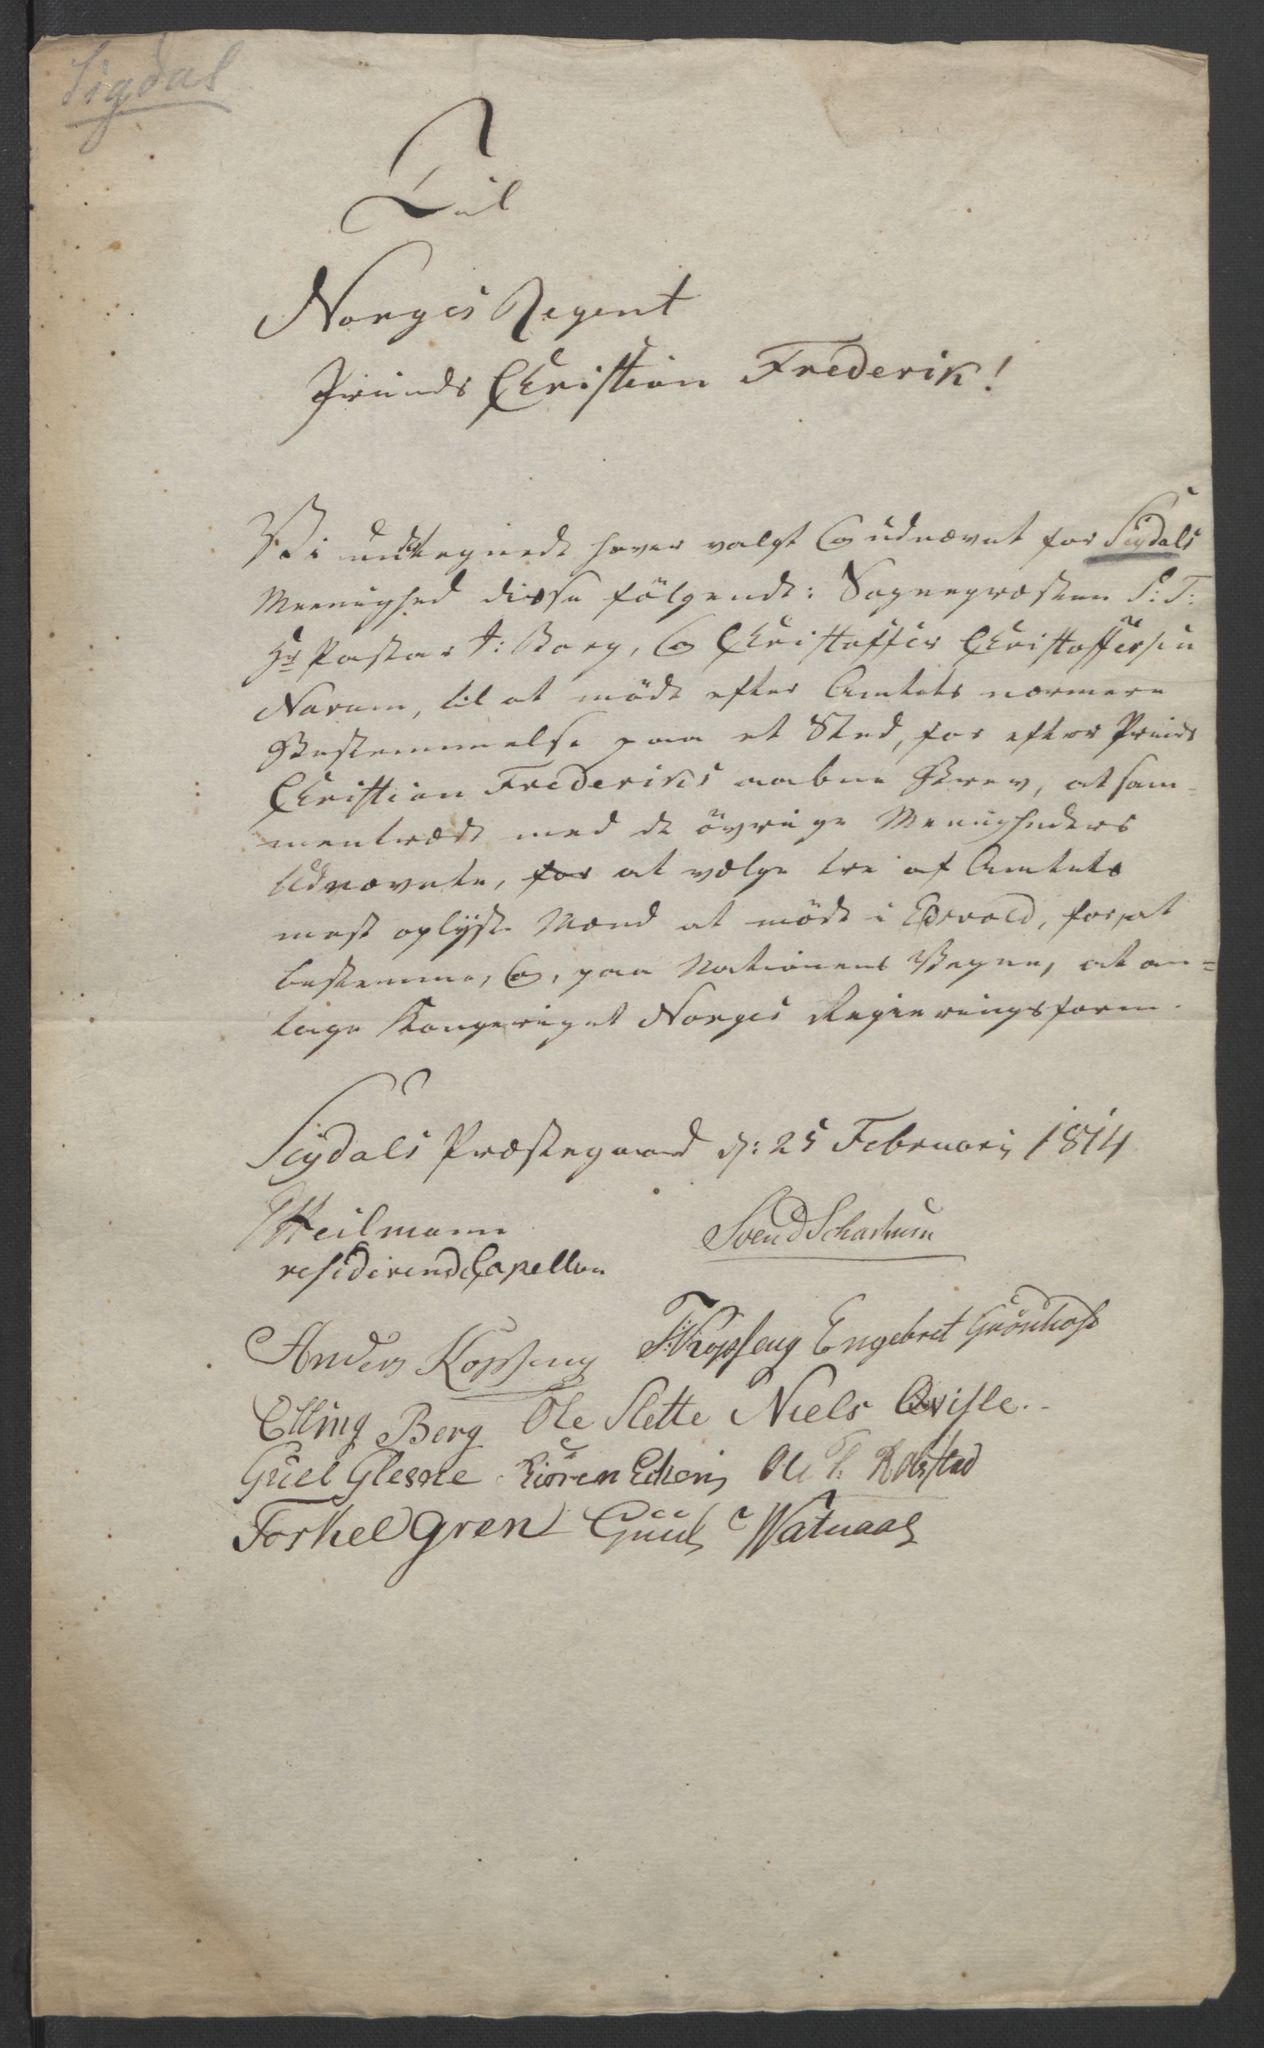 RA, Statsrådssekretariatet, D/Db/L0007: Fullmakter for Eidsvollsrepresentantene i 1814. , 1814, s. 342